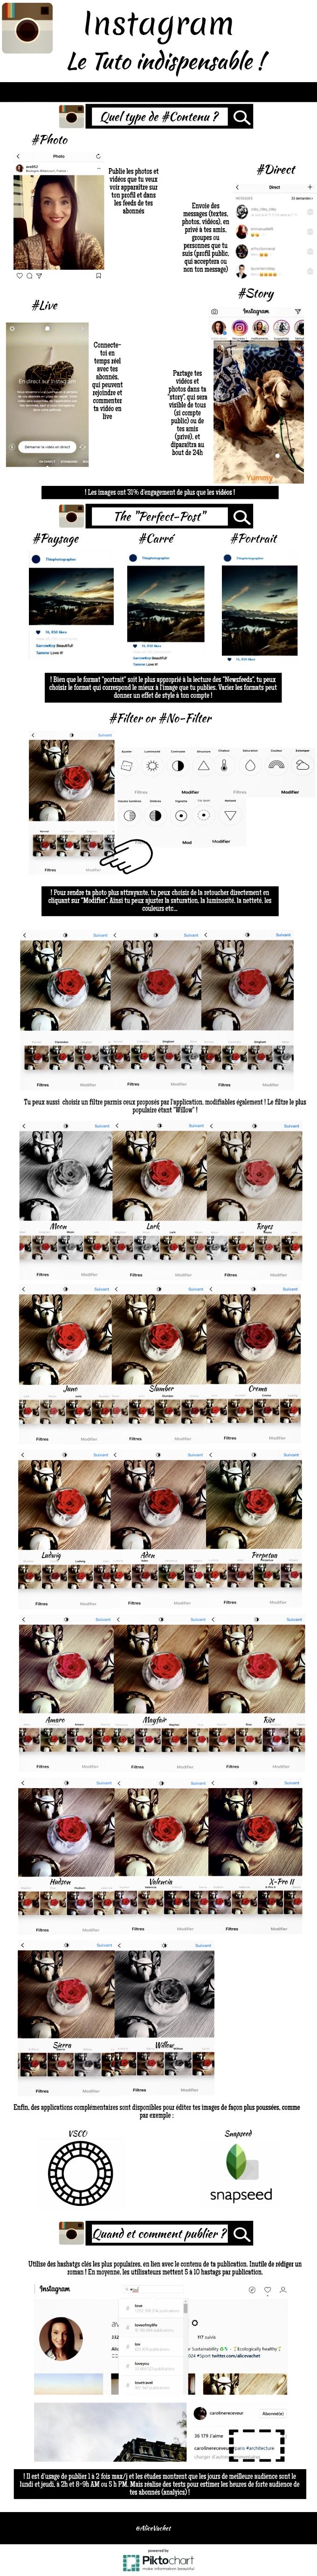 [Infographie] Social Media : Se former à Instagram en unTuto☝🏻